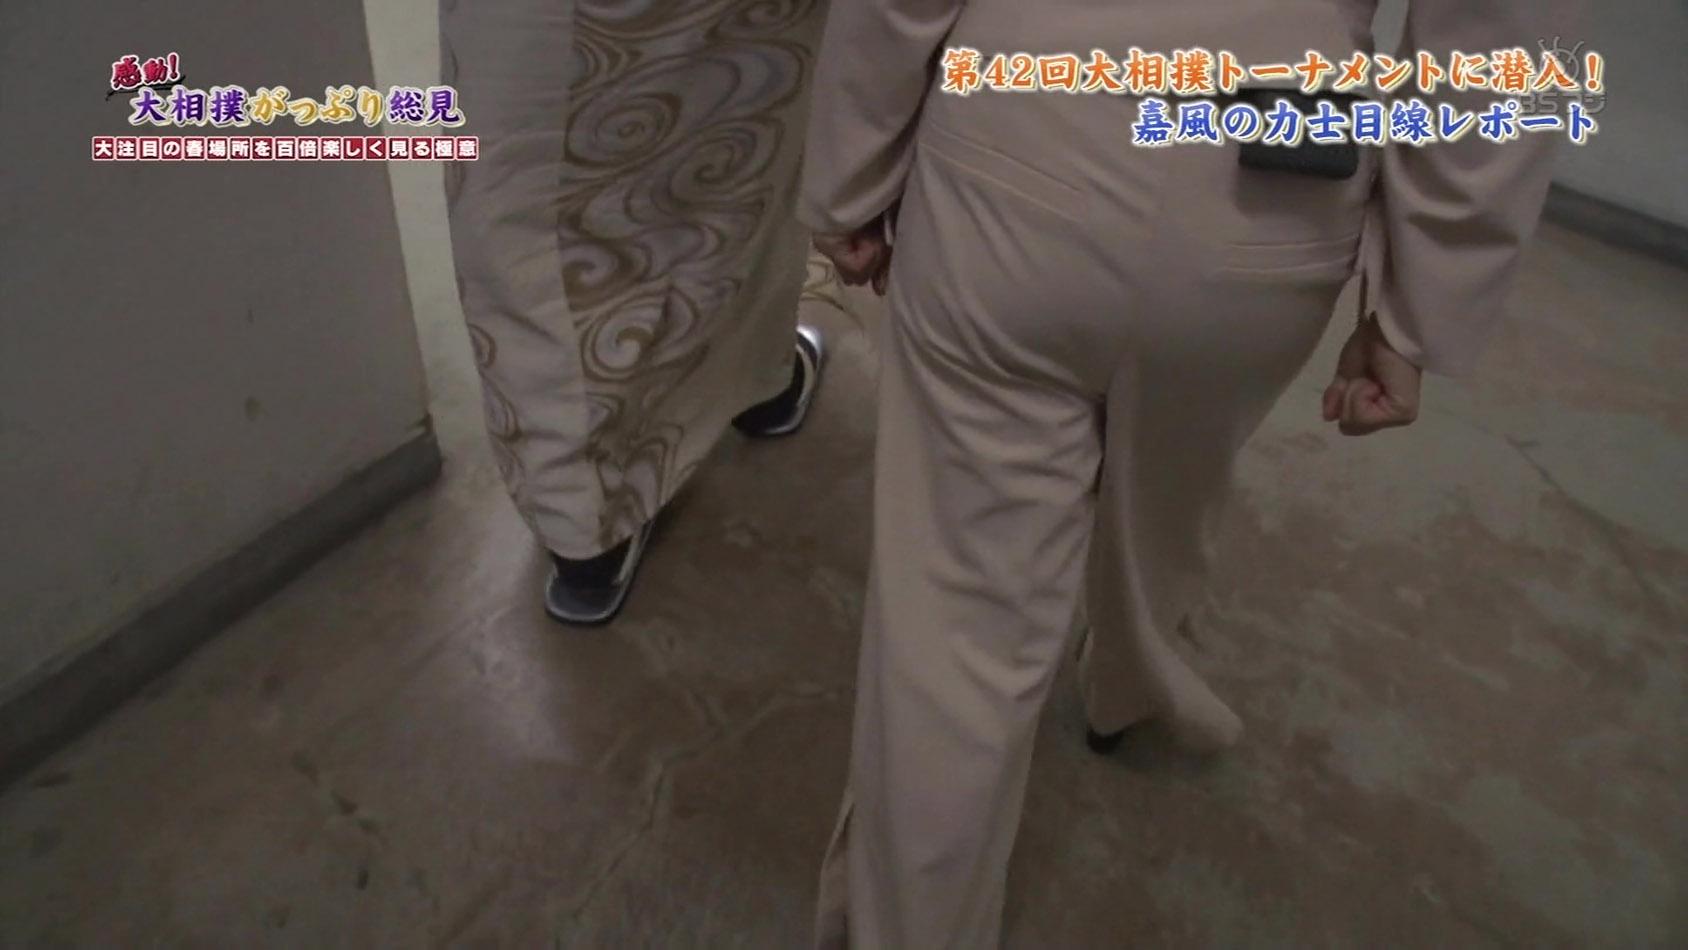 唐橋ユミアナ 「支度家レポート」でお尻アングルを連発☆☆